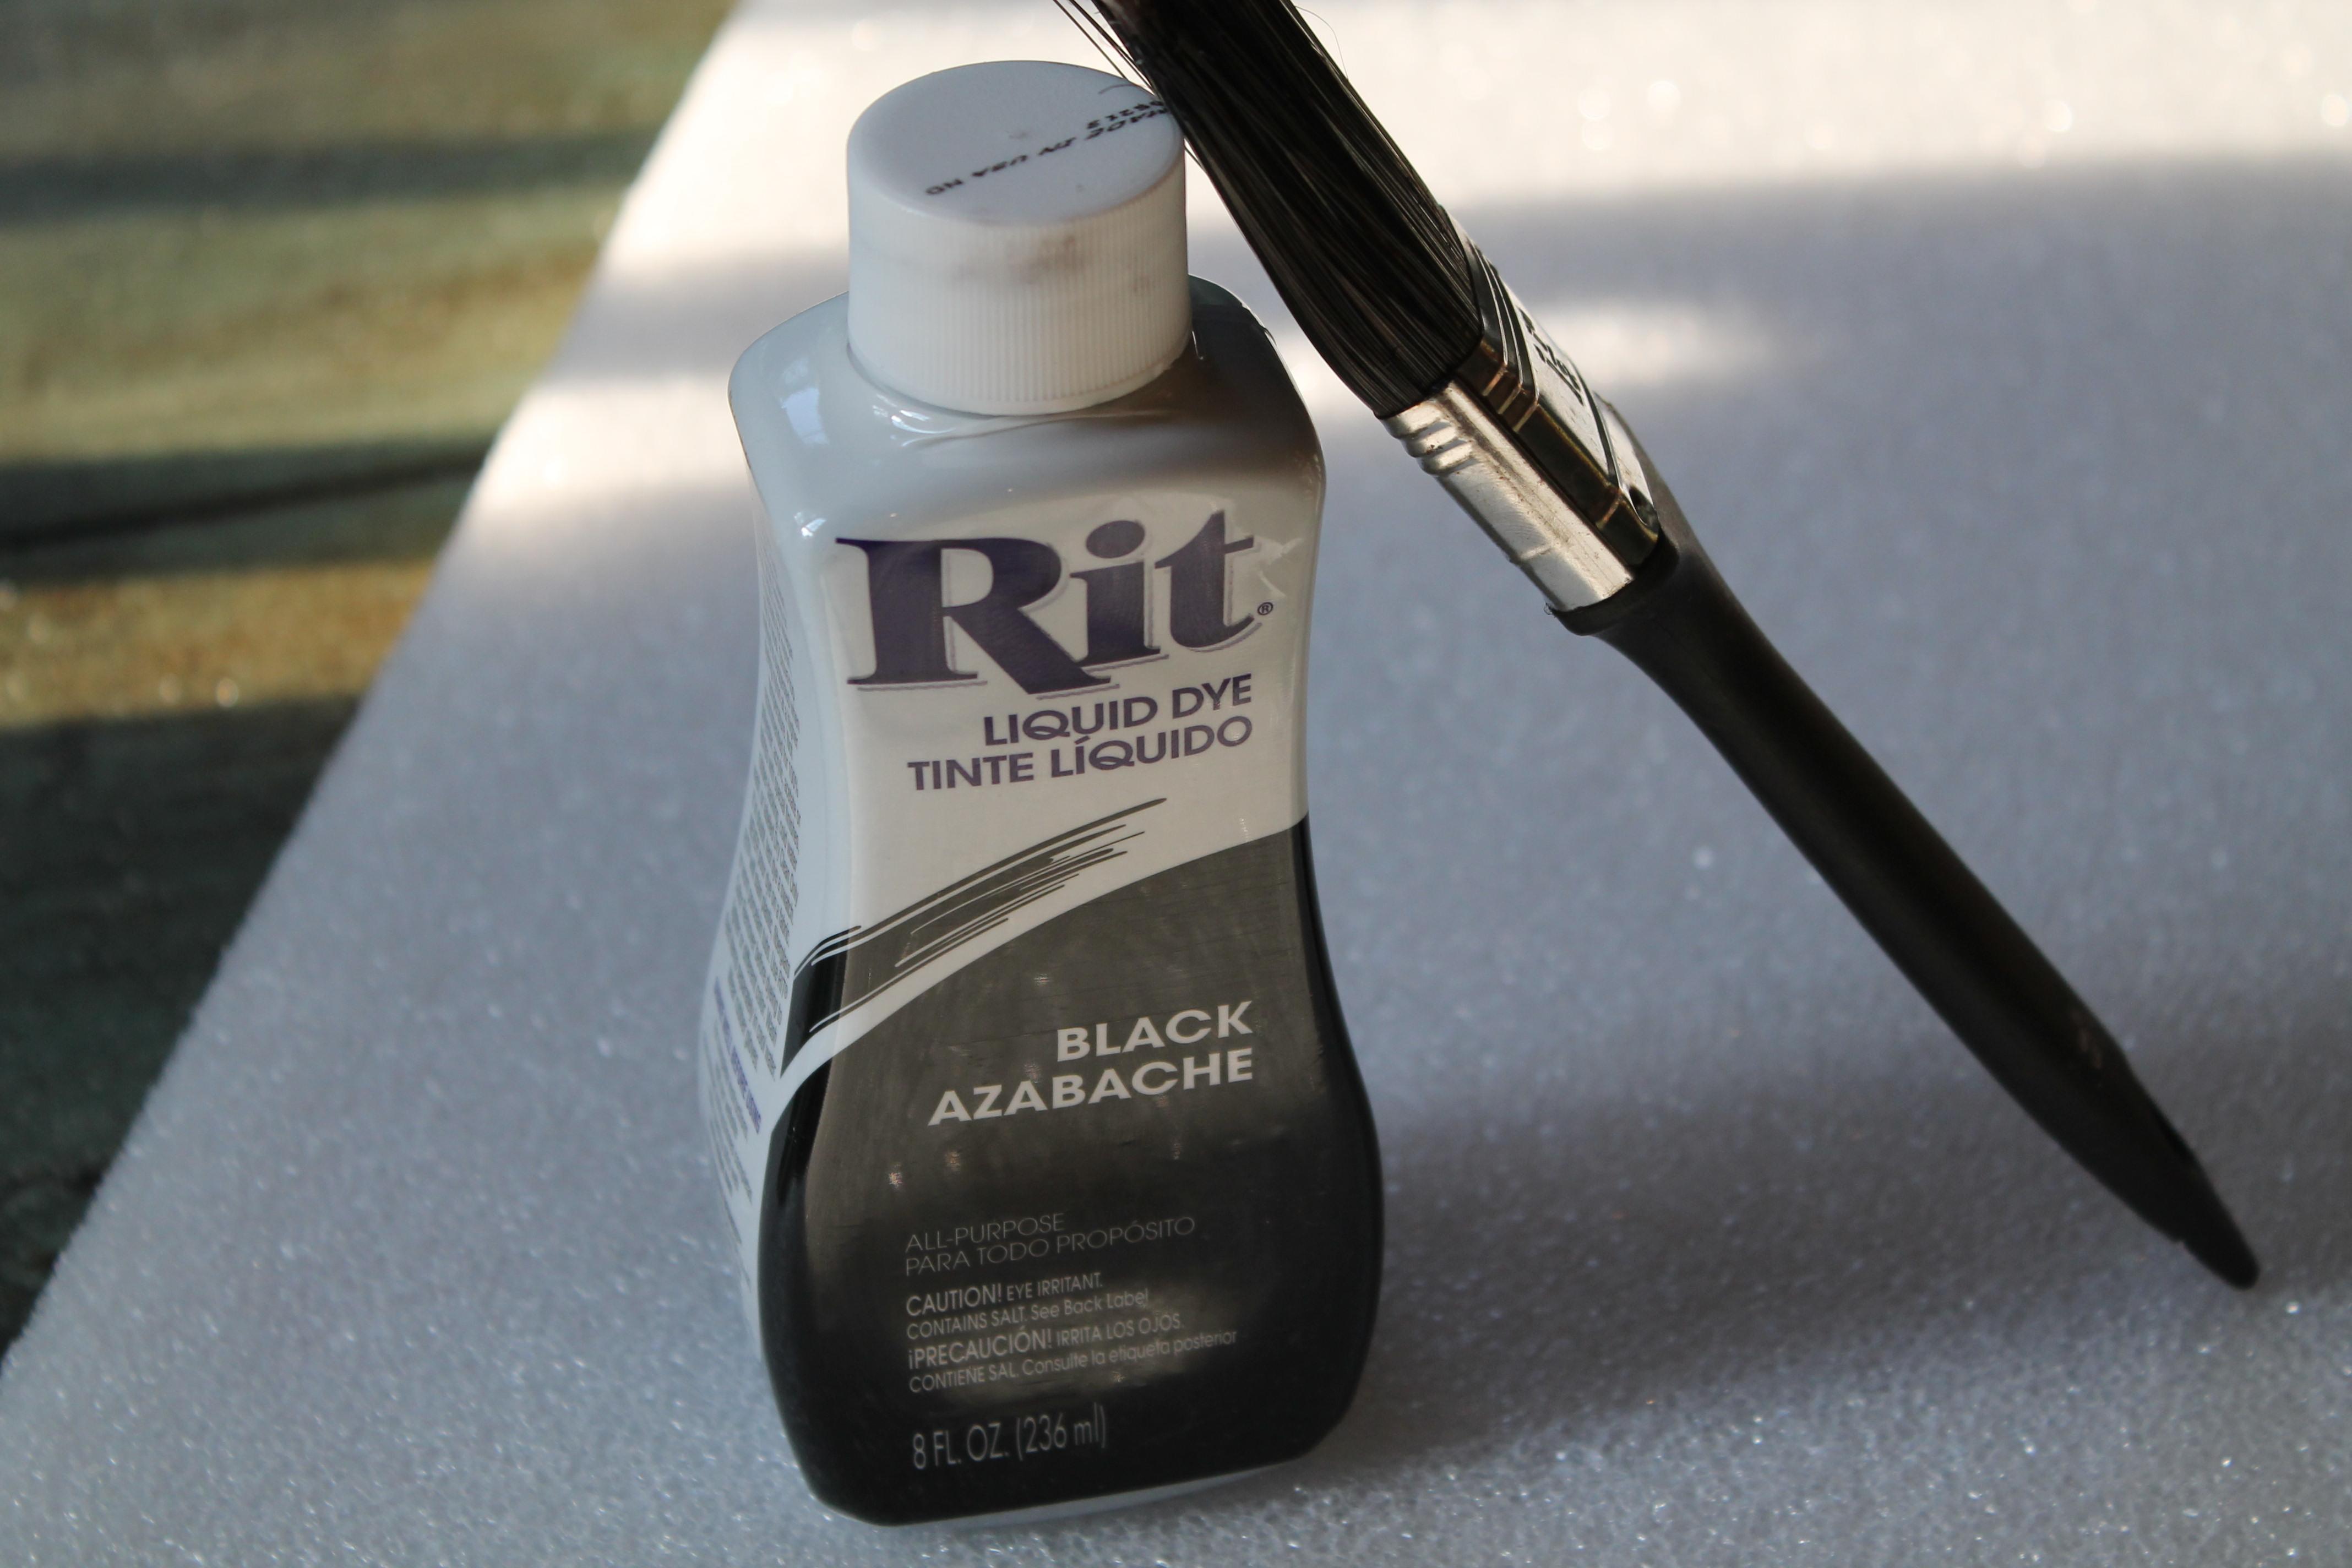 Black rit dye